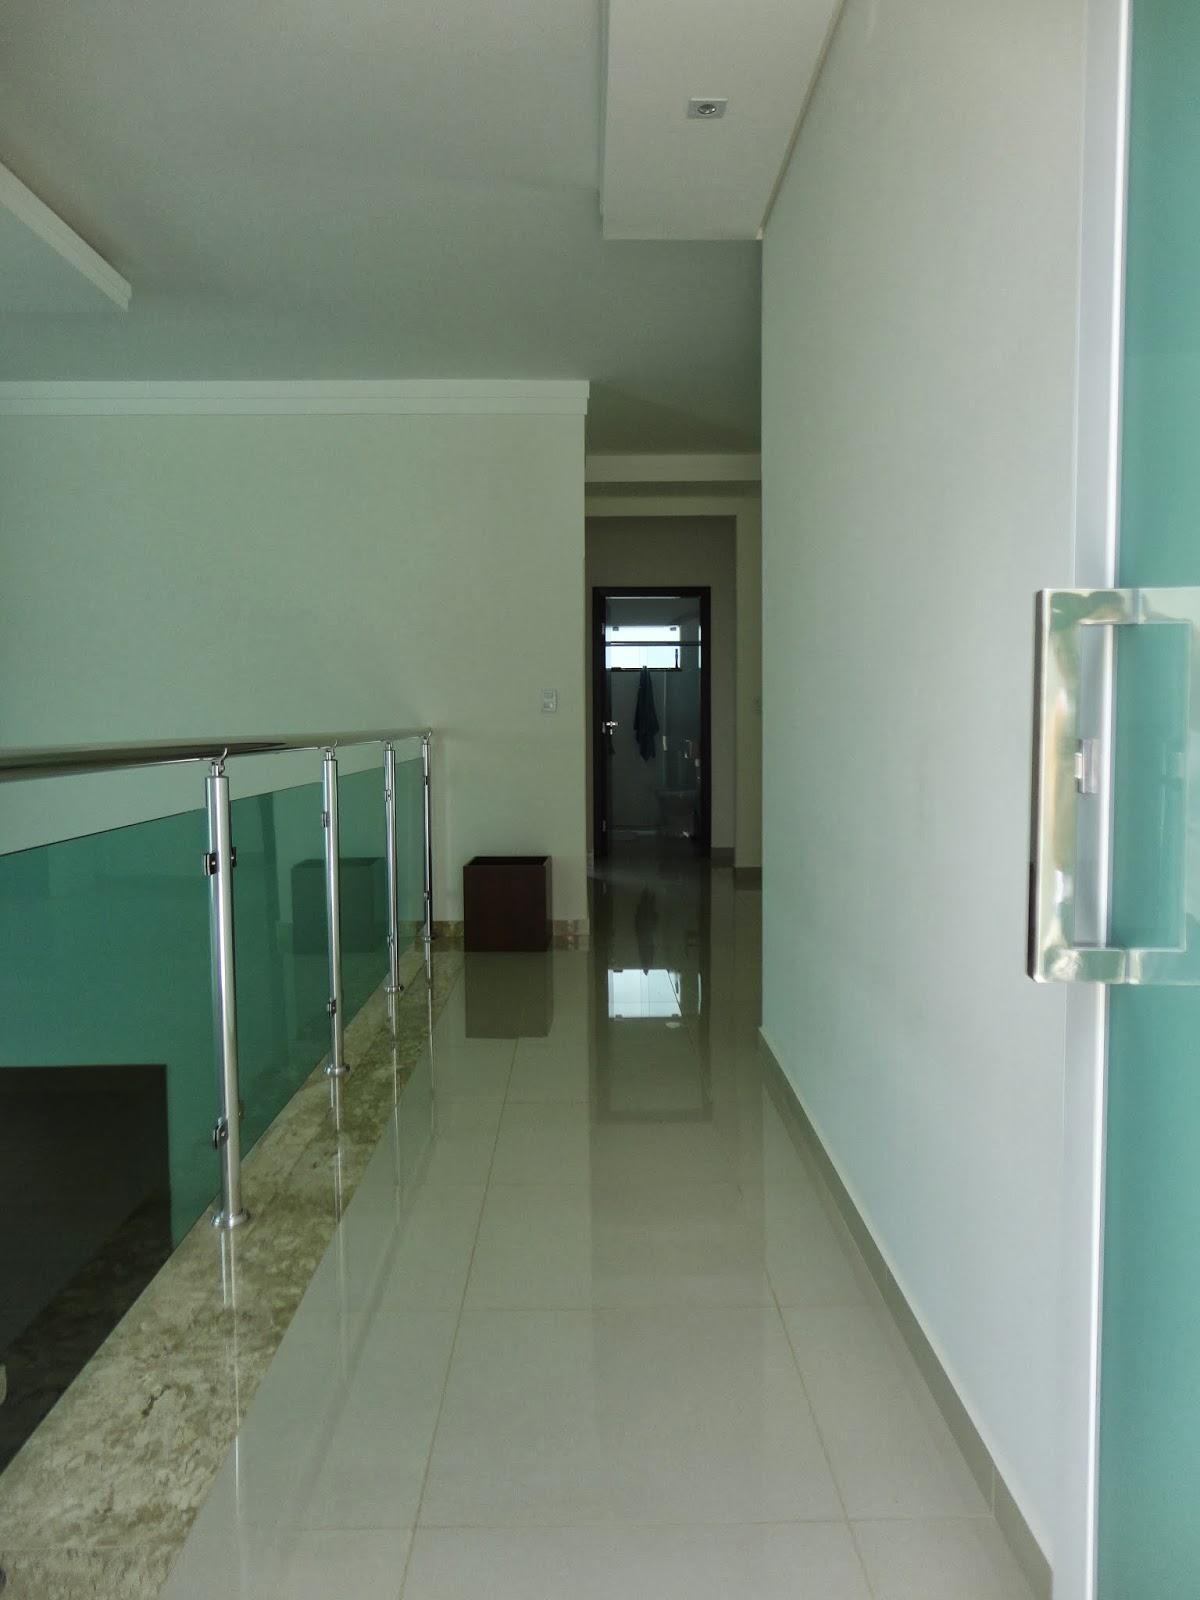 porta no haal de entrada do 2° piso onde pretendo um dia decorar com #3C6958 1200x1600 Banheiro Com 2 Portas De Entrada